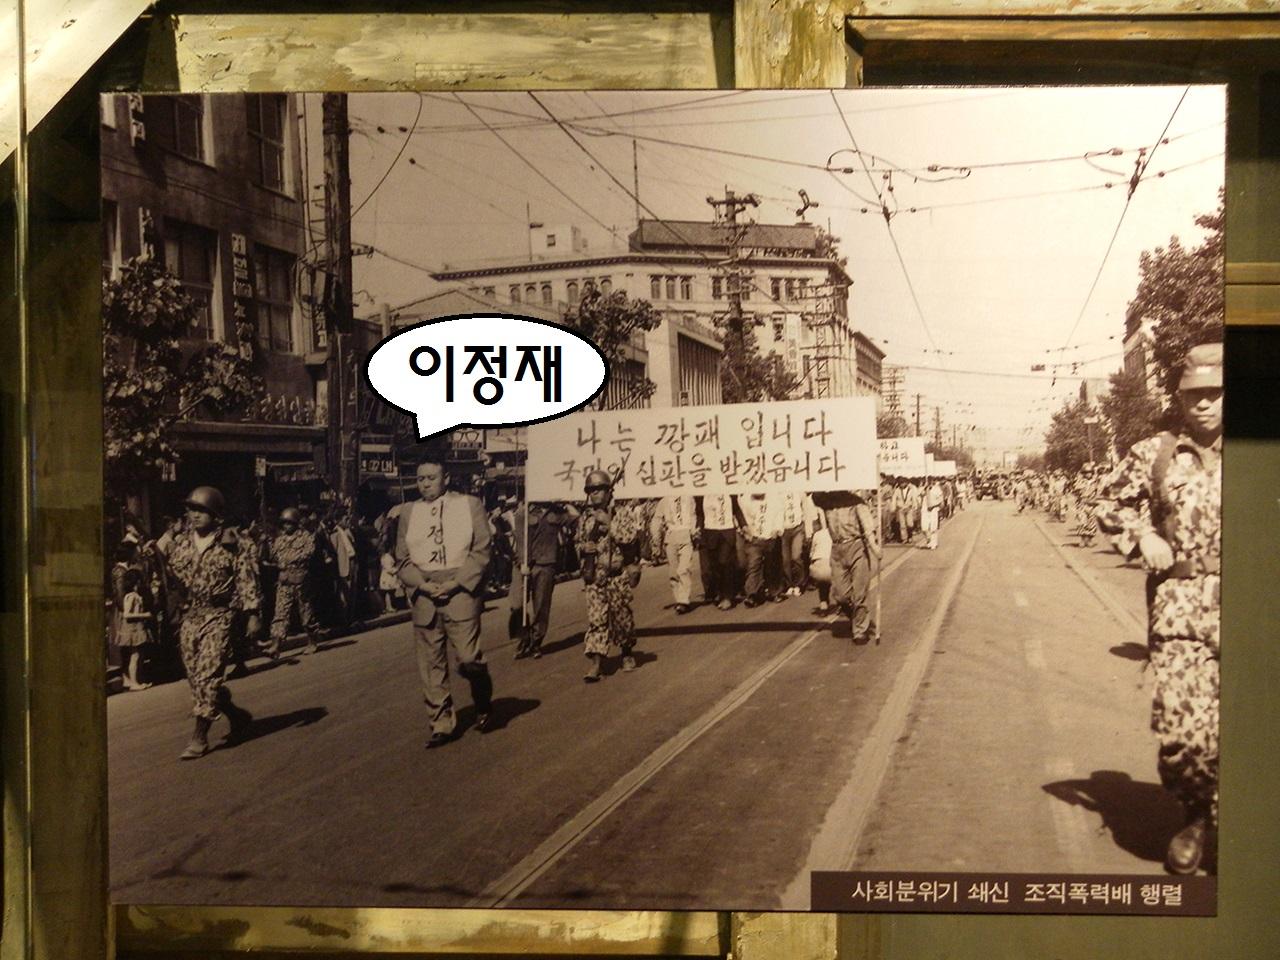 박정희 쿠데타 5일 뒤인 1961년 5월 21일, 군경의 감시 속에 진행된 정치 깡패들의 시가행진. 서울시 마포구 상암동의 박정희대통령기념도서관에서 찍은 사진.